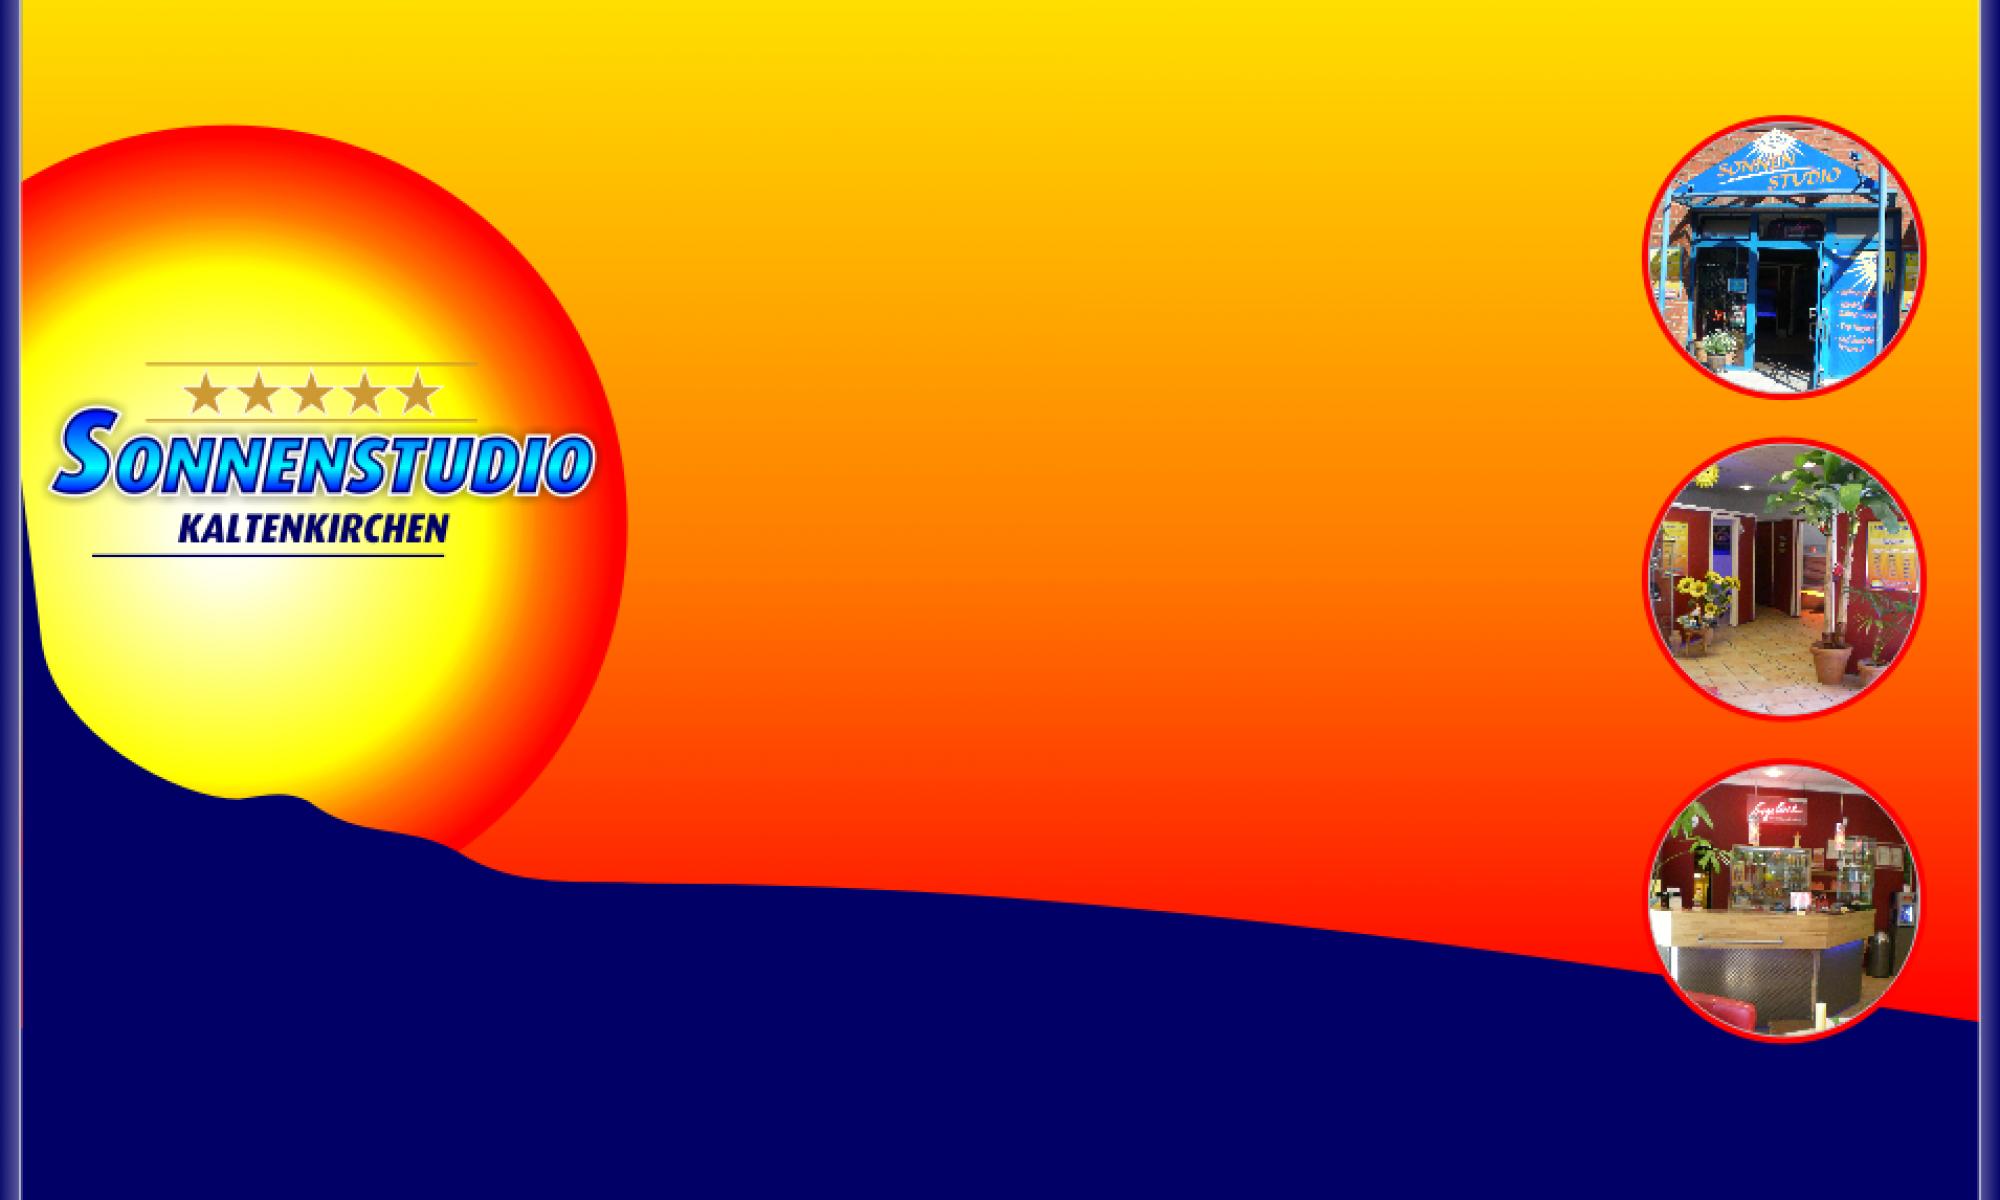 Sonnenstudio Kaltenkrichen